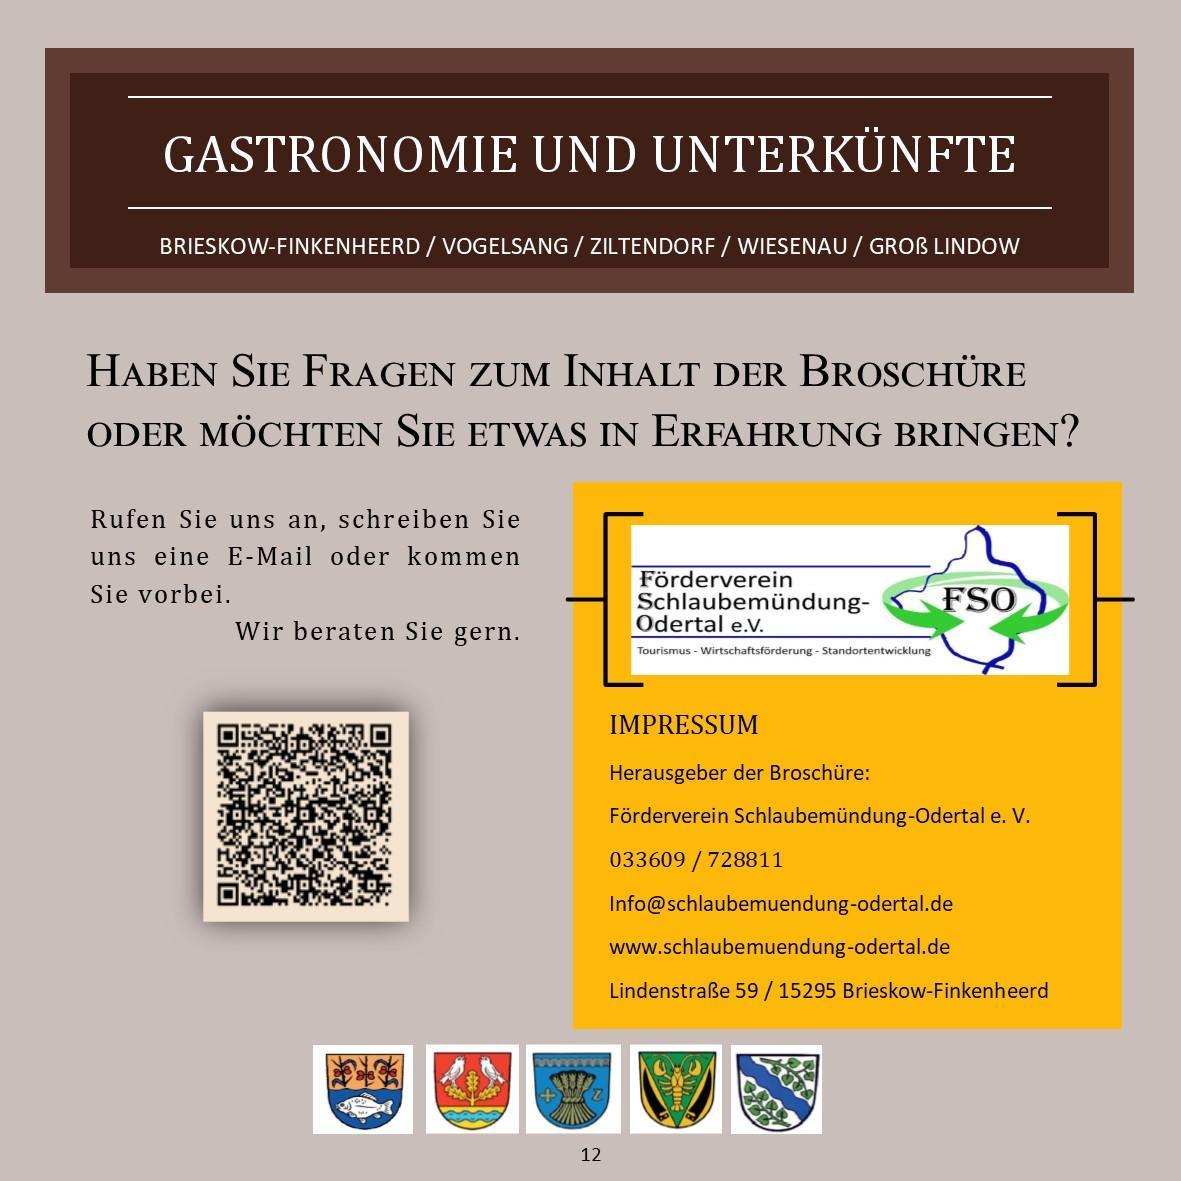 04_Broschüre Gastronomie und Unterkünfte12